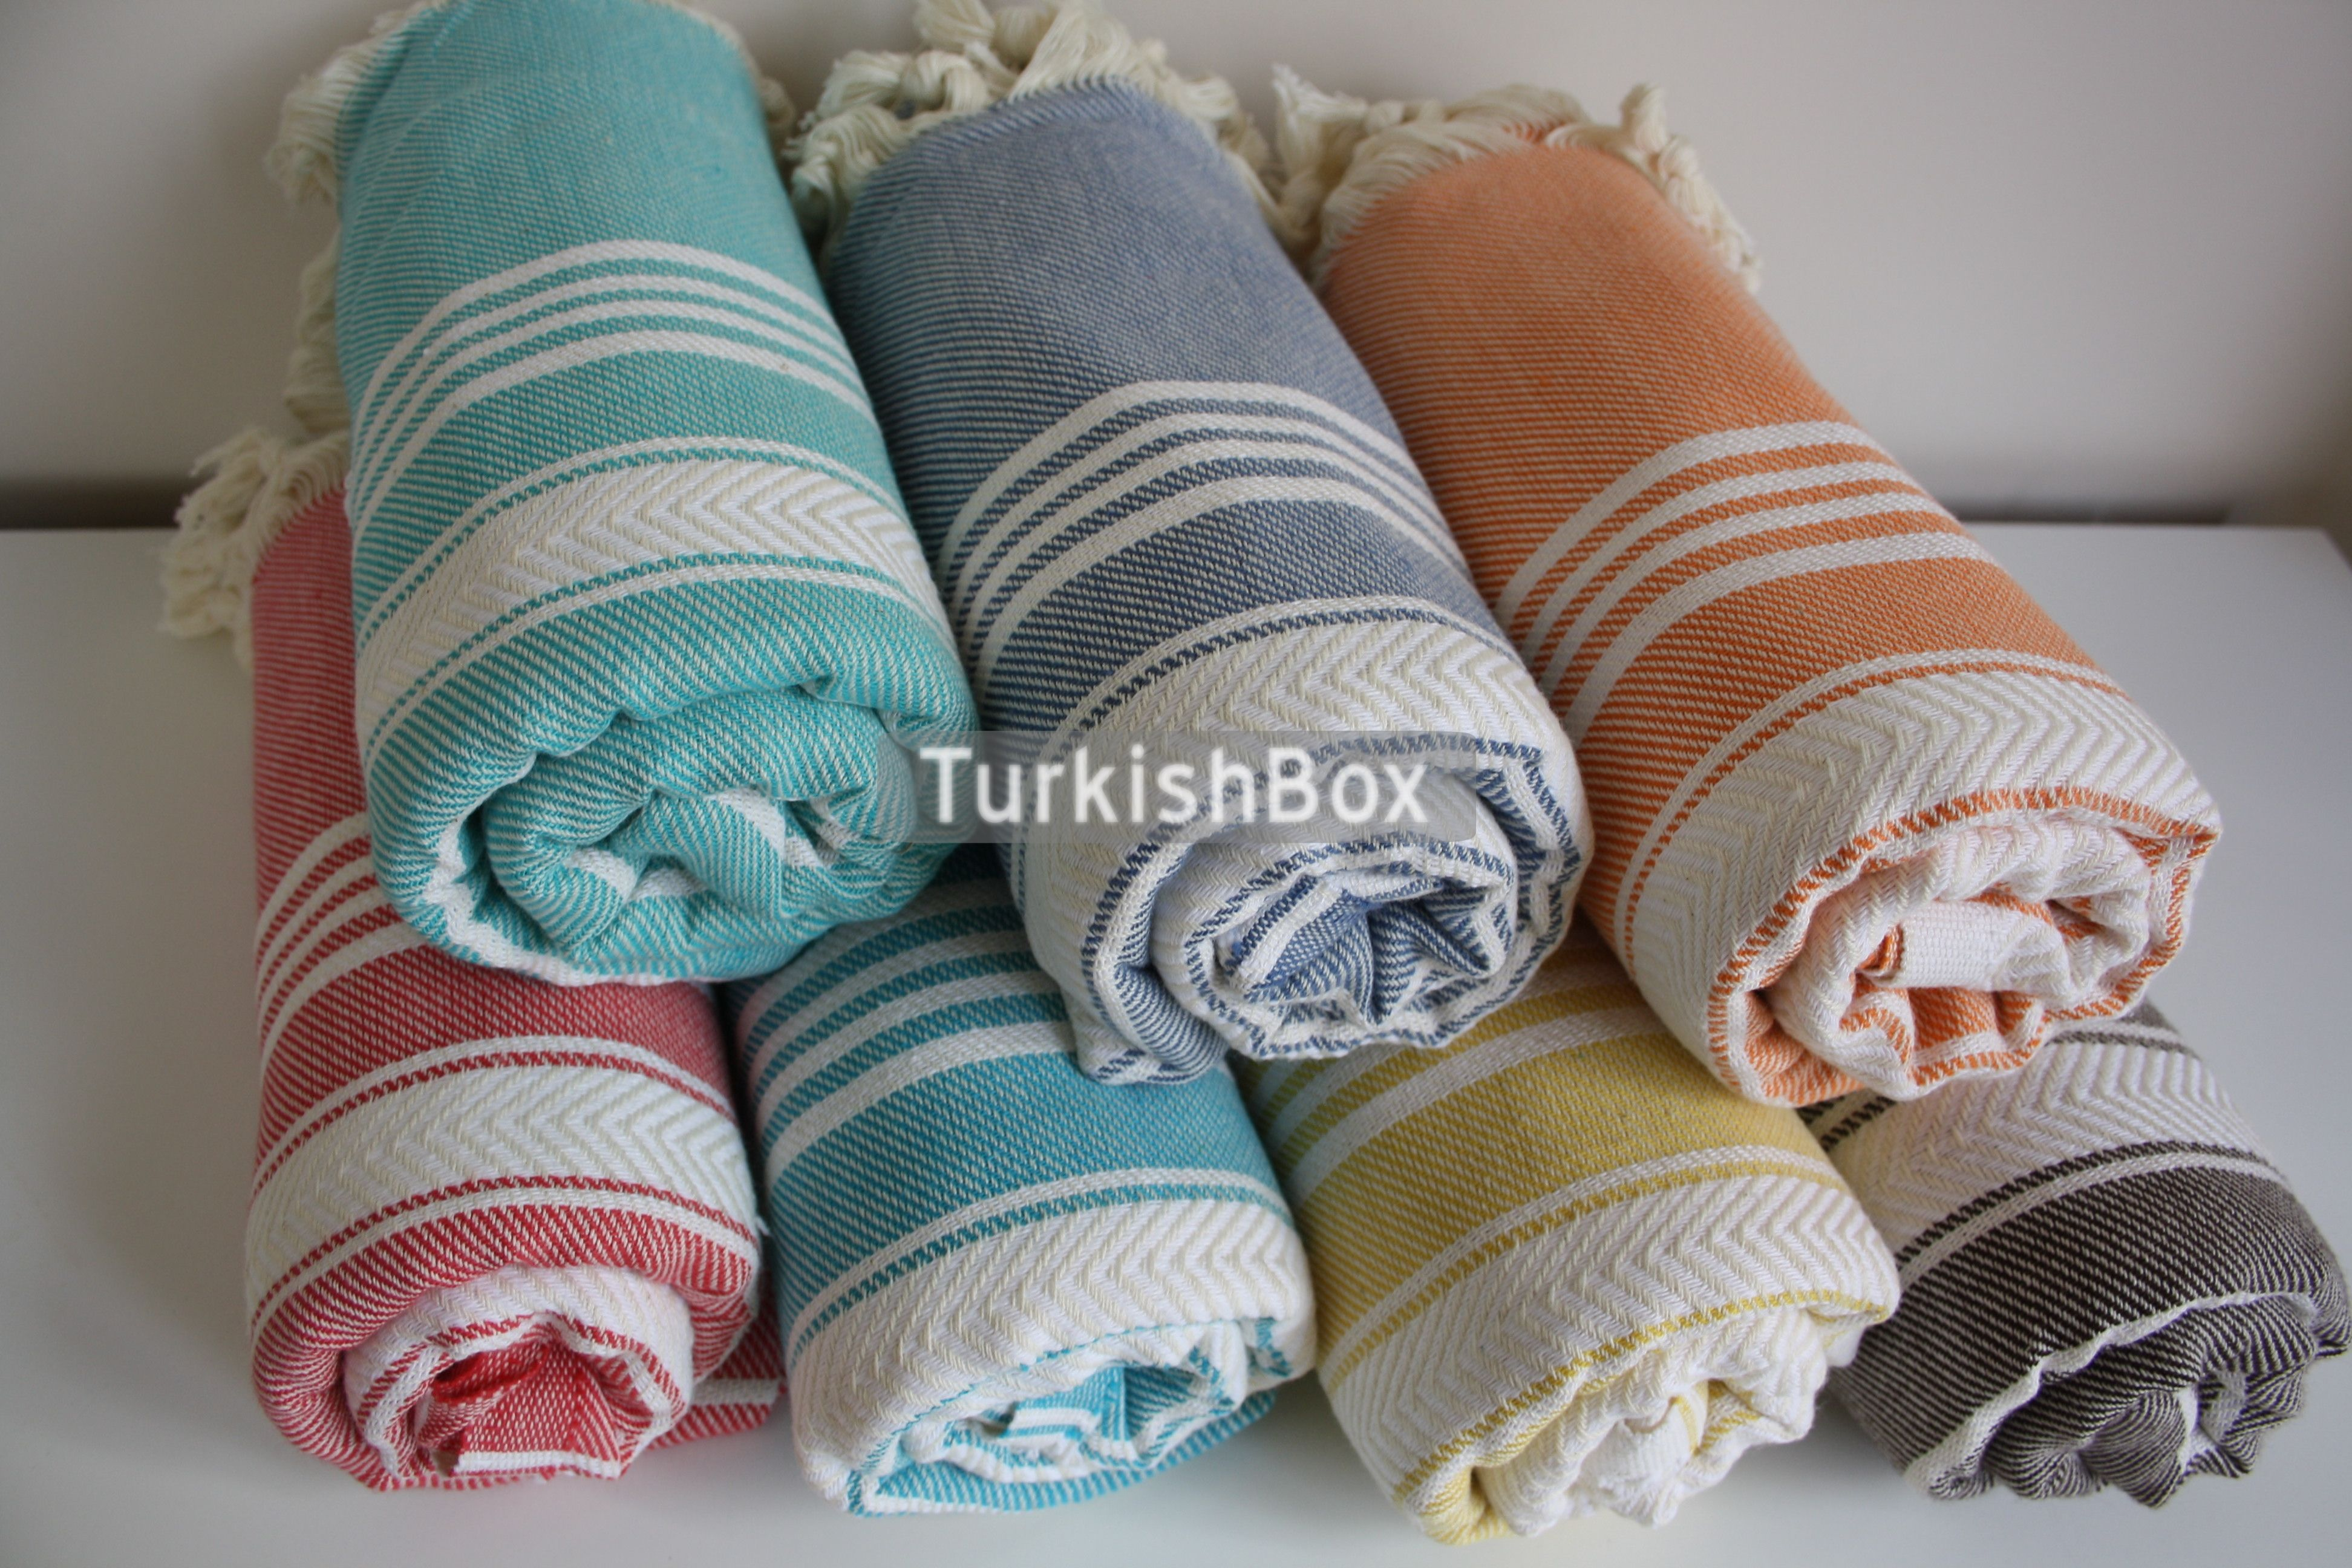 Favourite Peshtemal Turkish Towel